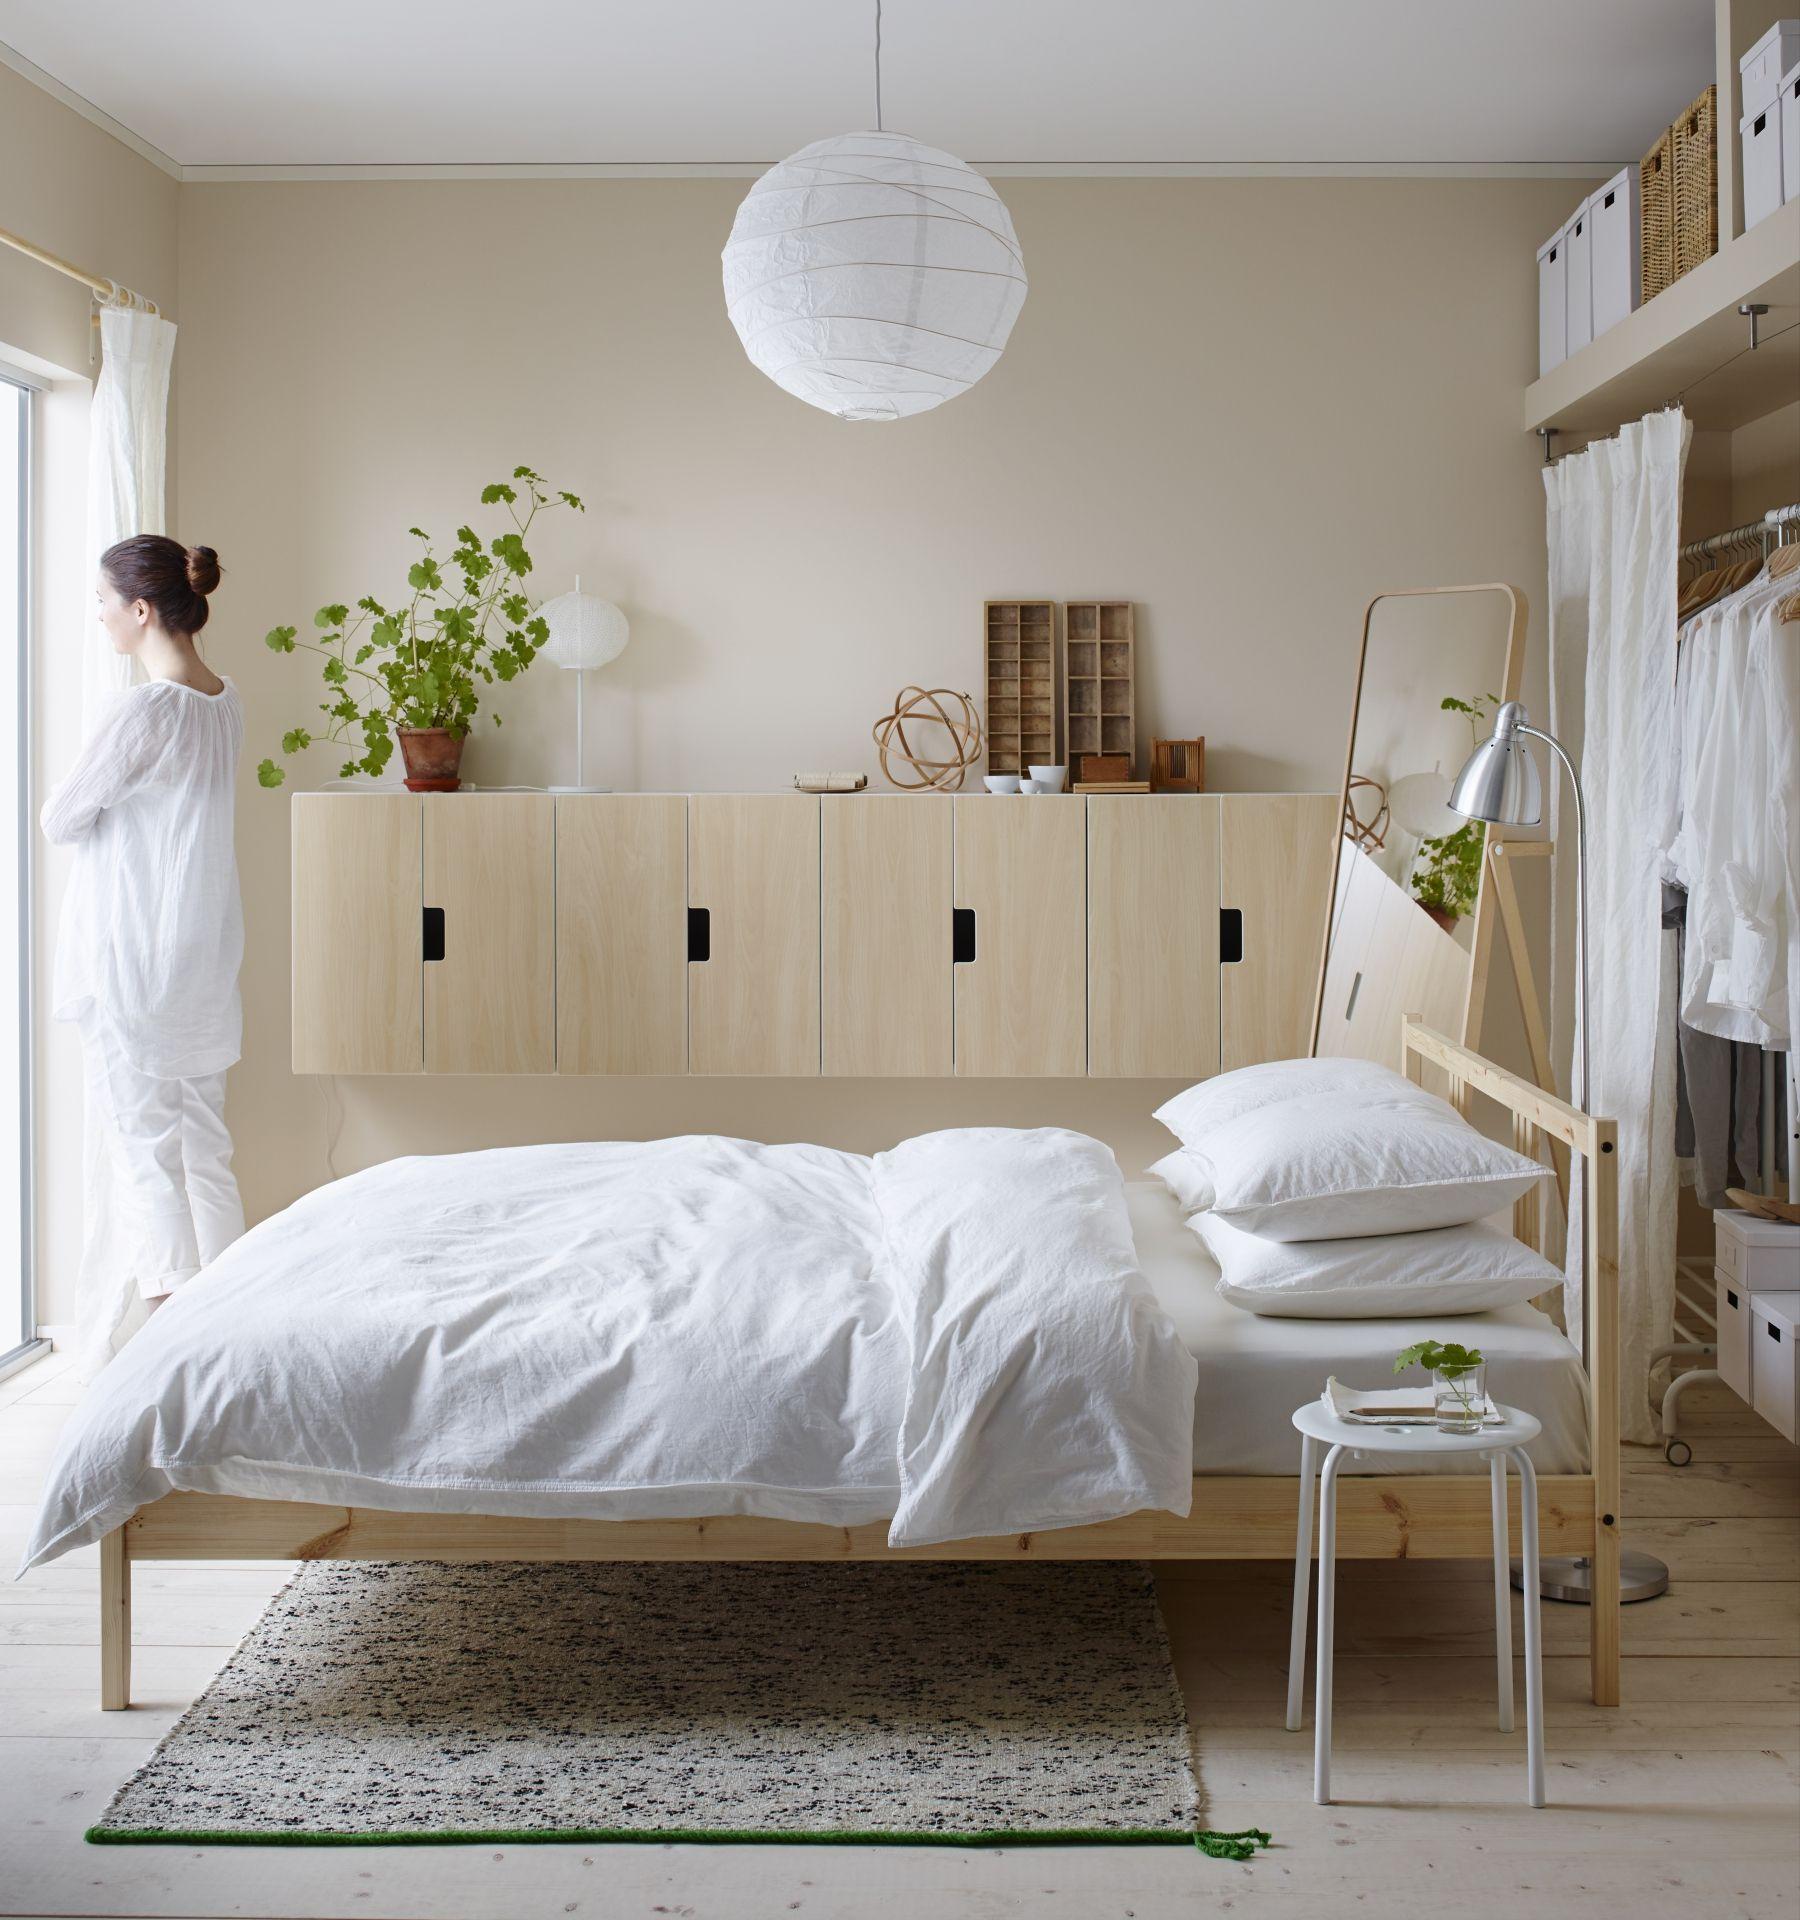 GJÖRA Bedframe, berken, Lönset | Bedrooms, Scandinavian interior ...